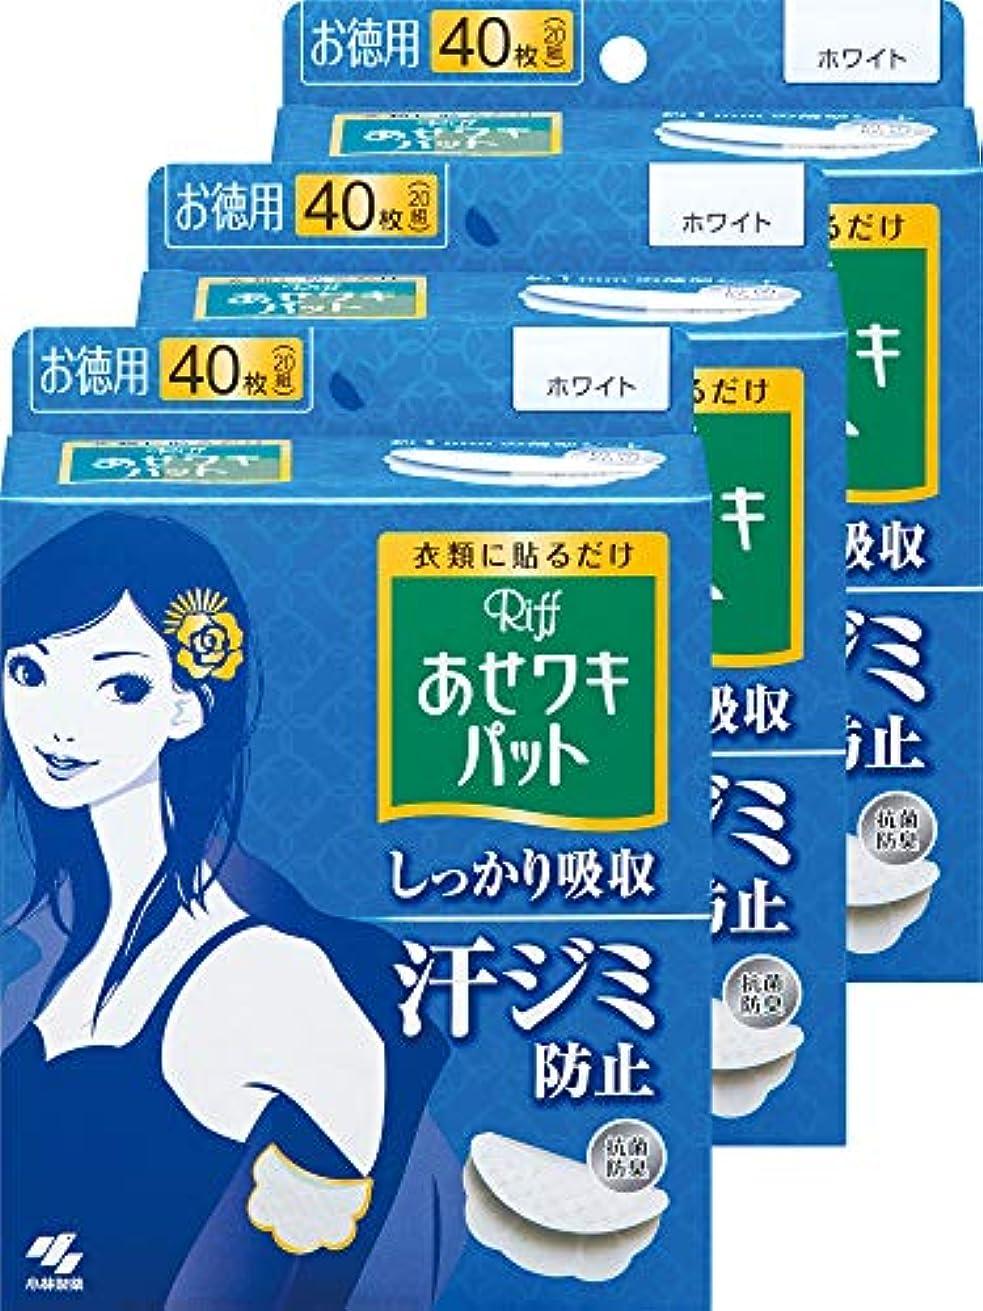 特許月曜衣装【まとめ買い】リフ あせワキパット あせジミ防止?防臭シート お徳用 ホワイト 40枚 ×3個